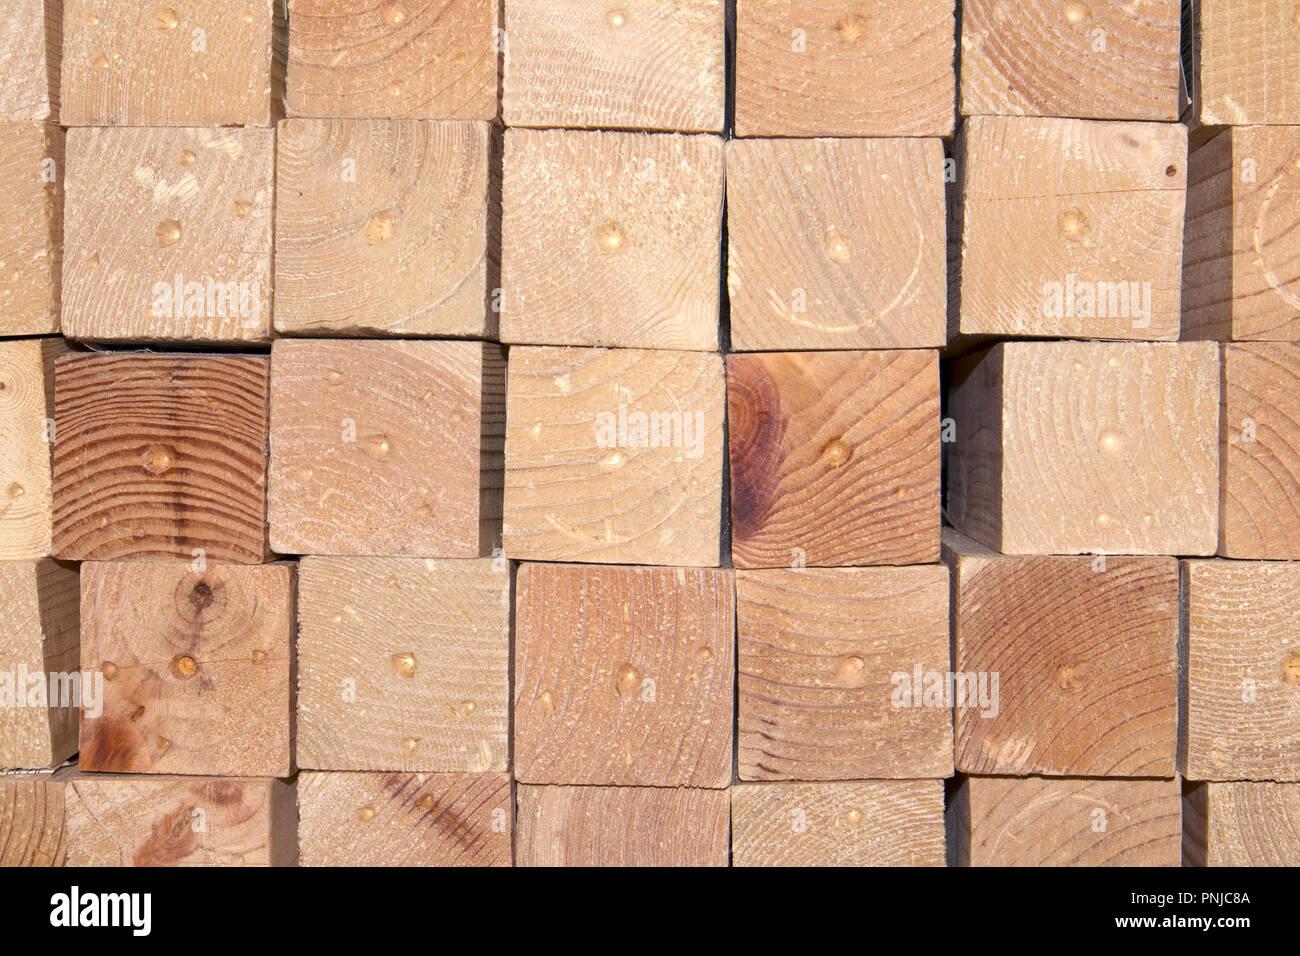 Licht Holz- Bars mit einem quadratischen Abschnitt in einem Stapel ...